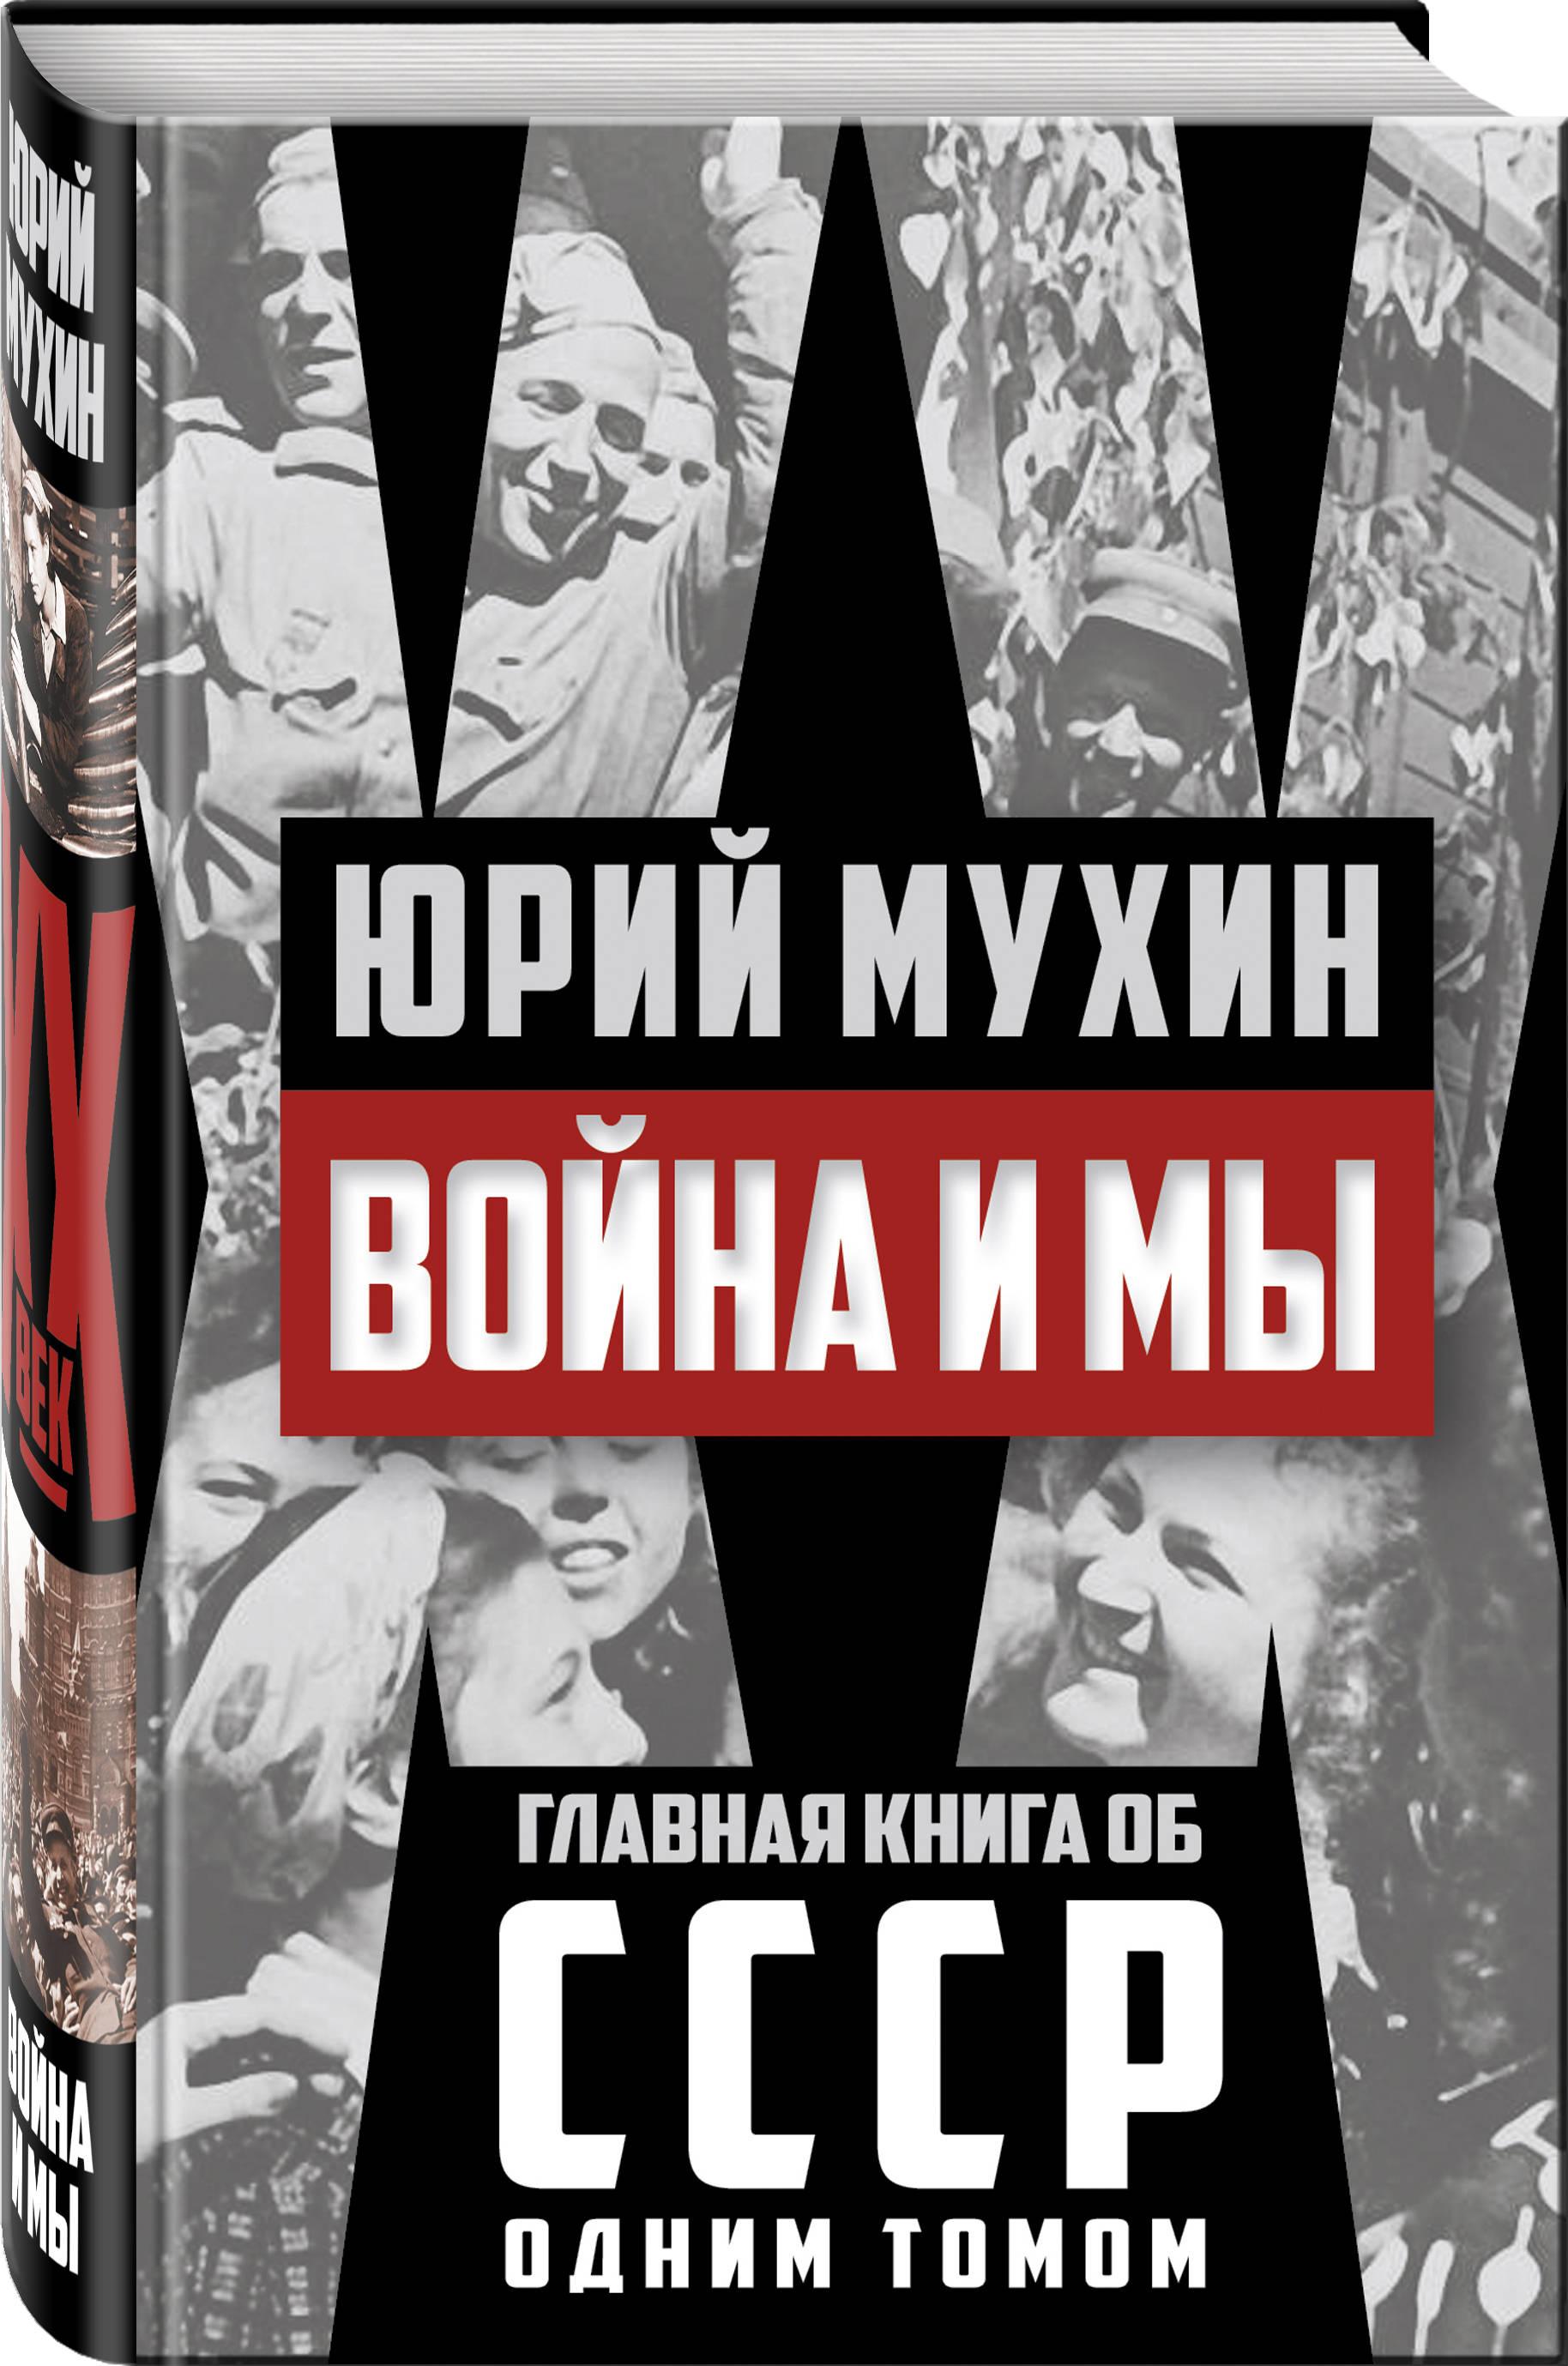 Мухин Ю.И. Война и мы ISBN: 978-5-906947-62-8